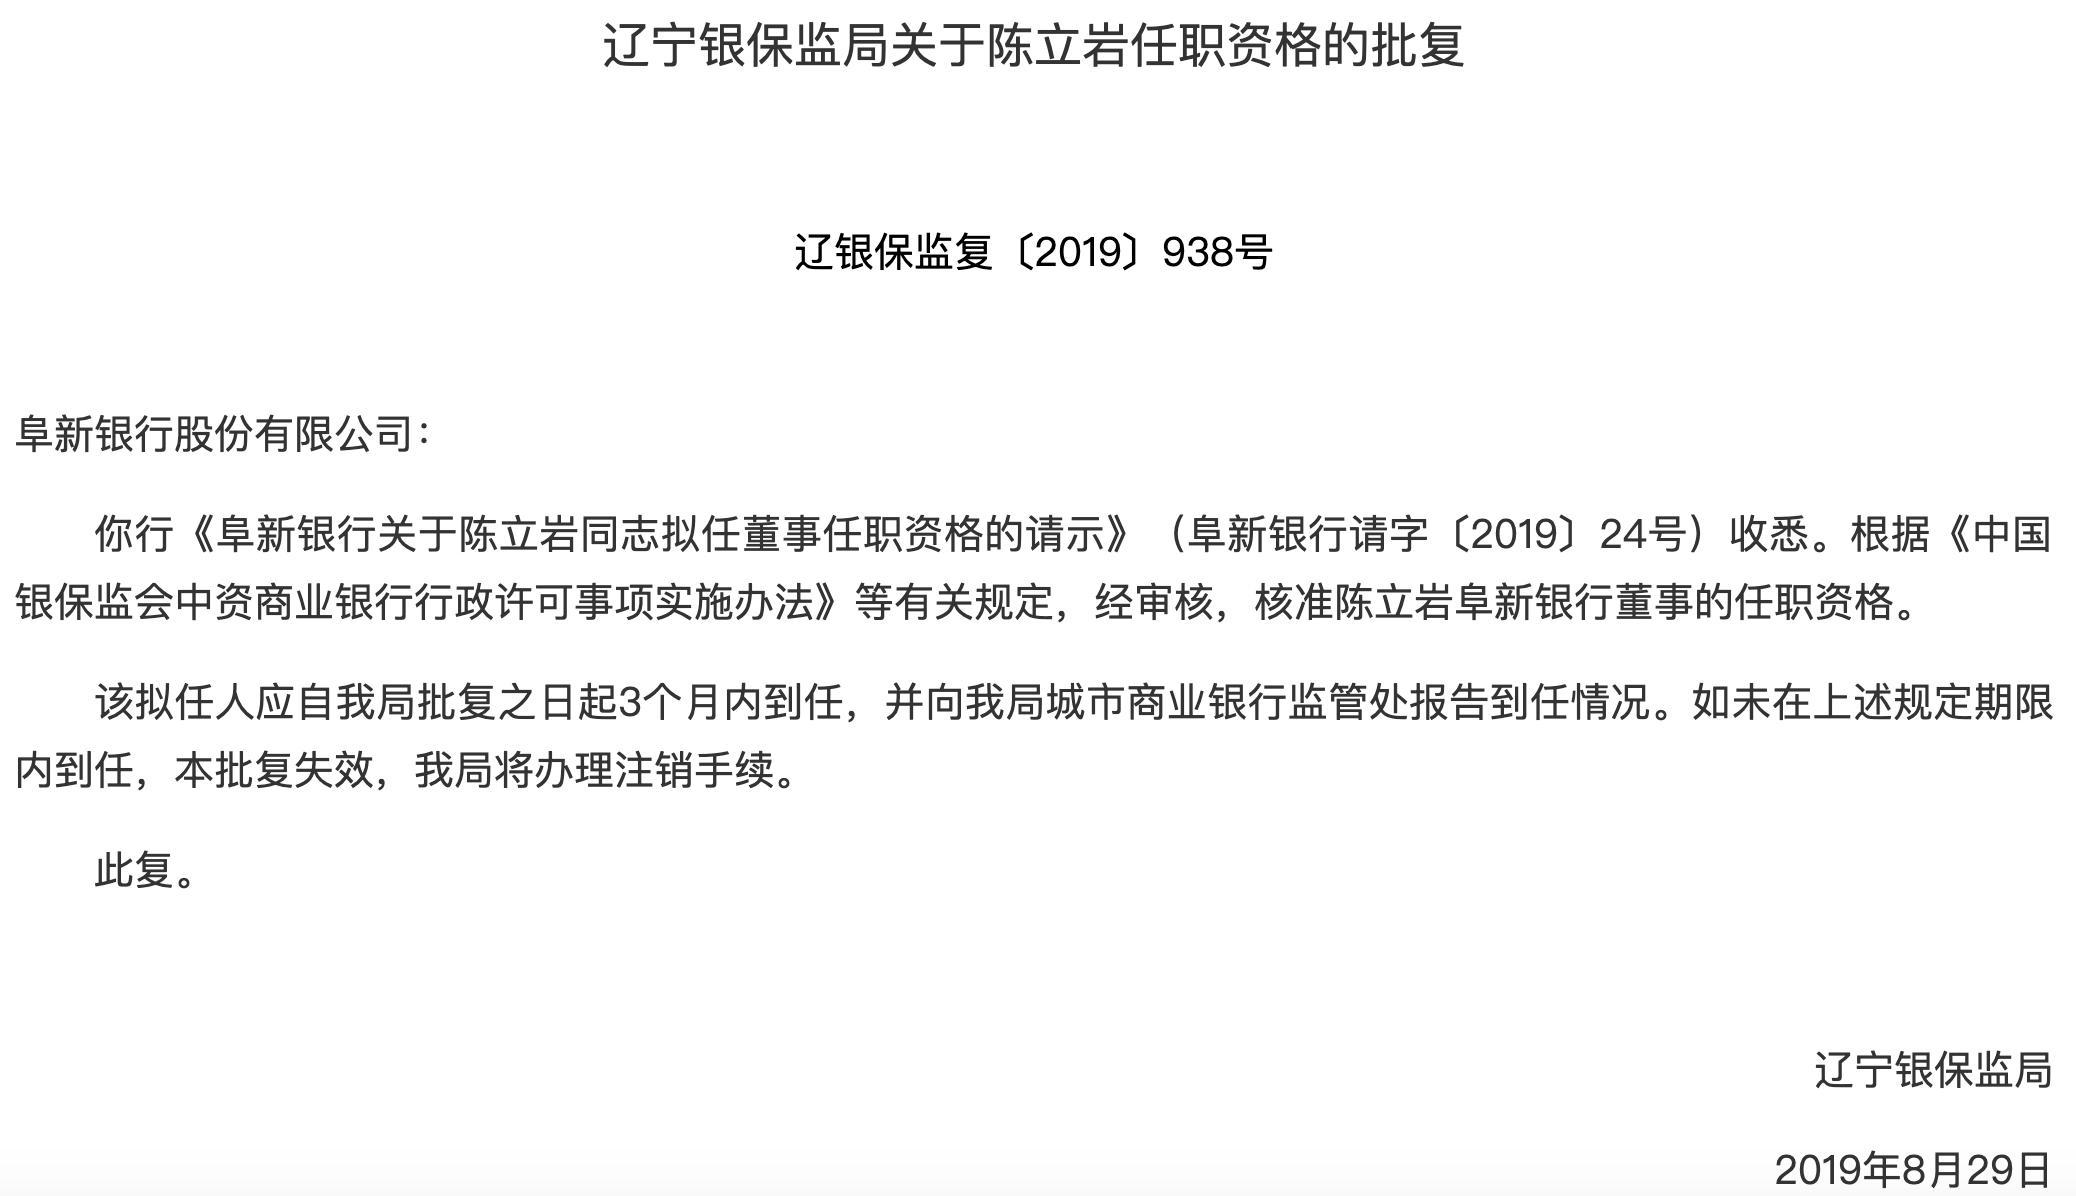 阜新银行董事陈立岩任职获准 今年3月升任行长